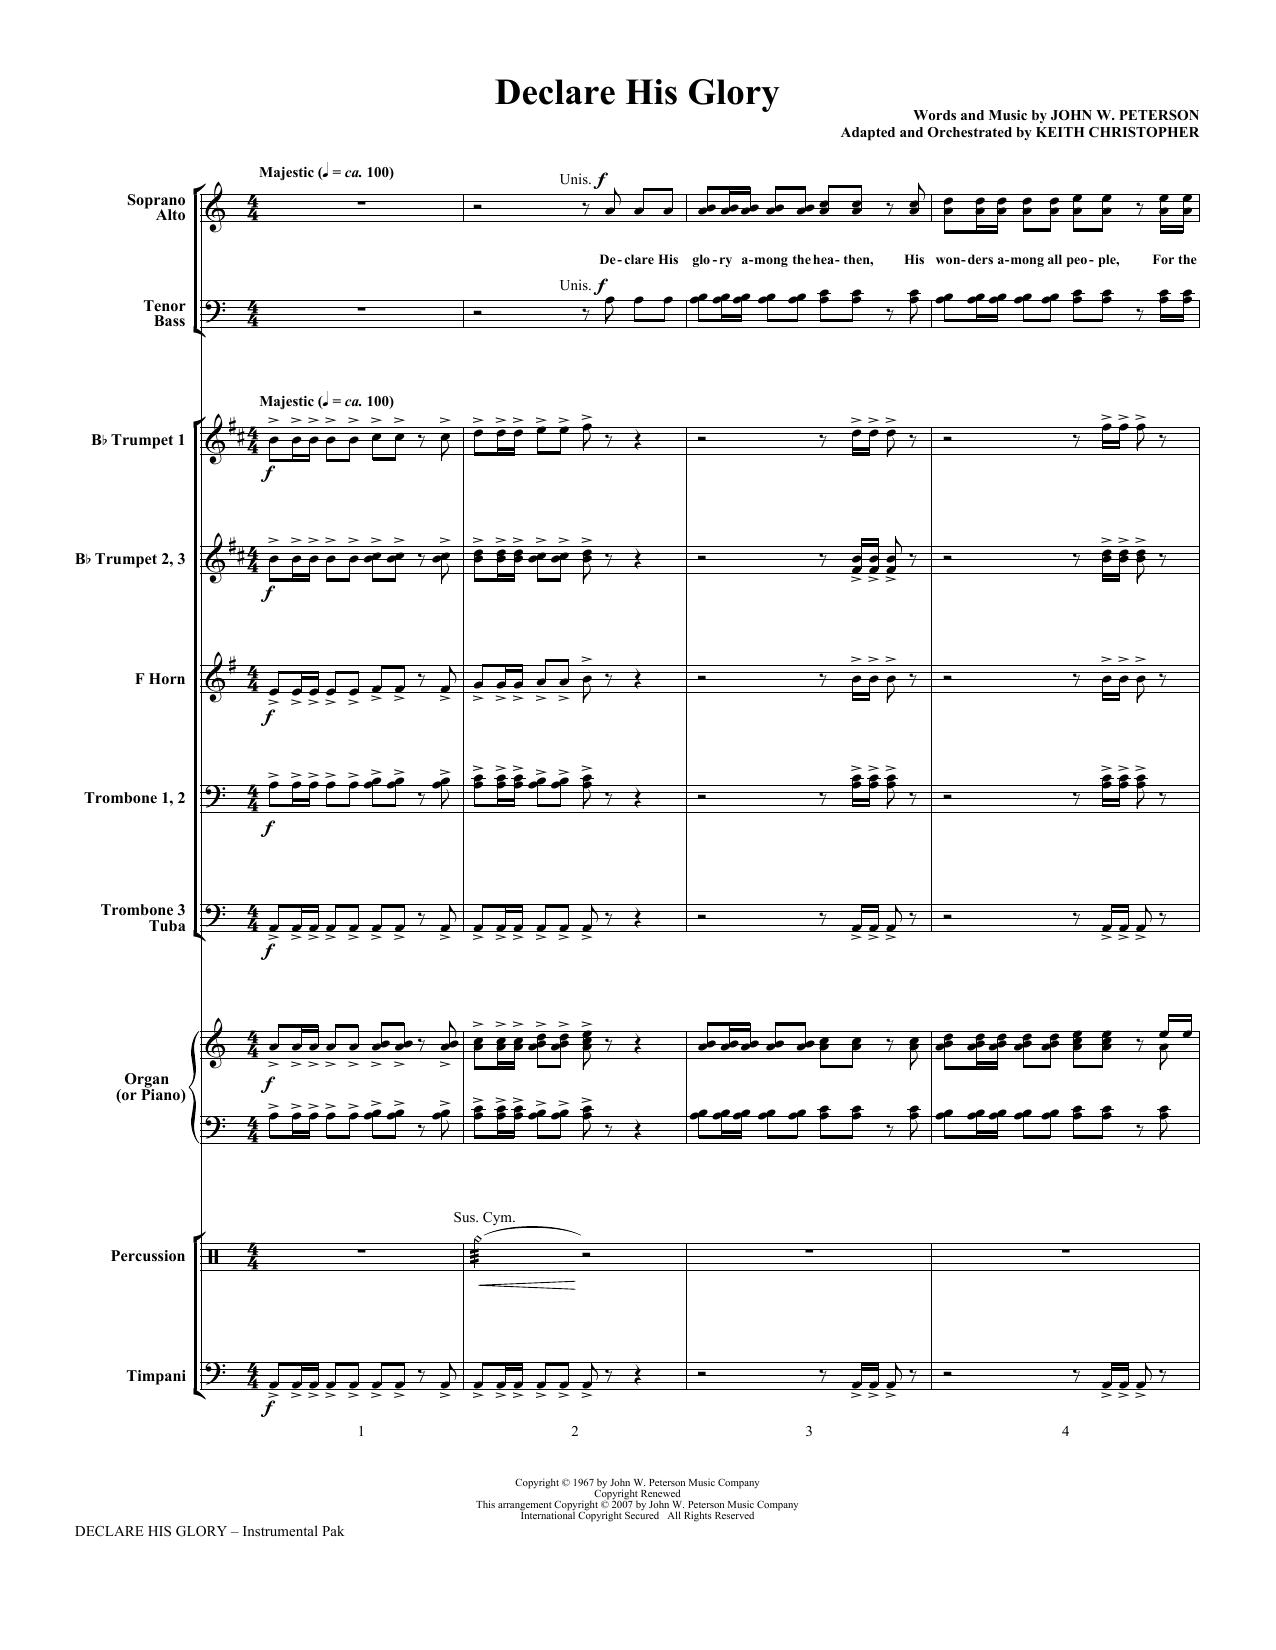 Declare His Glory - Full Score Sheet Music